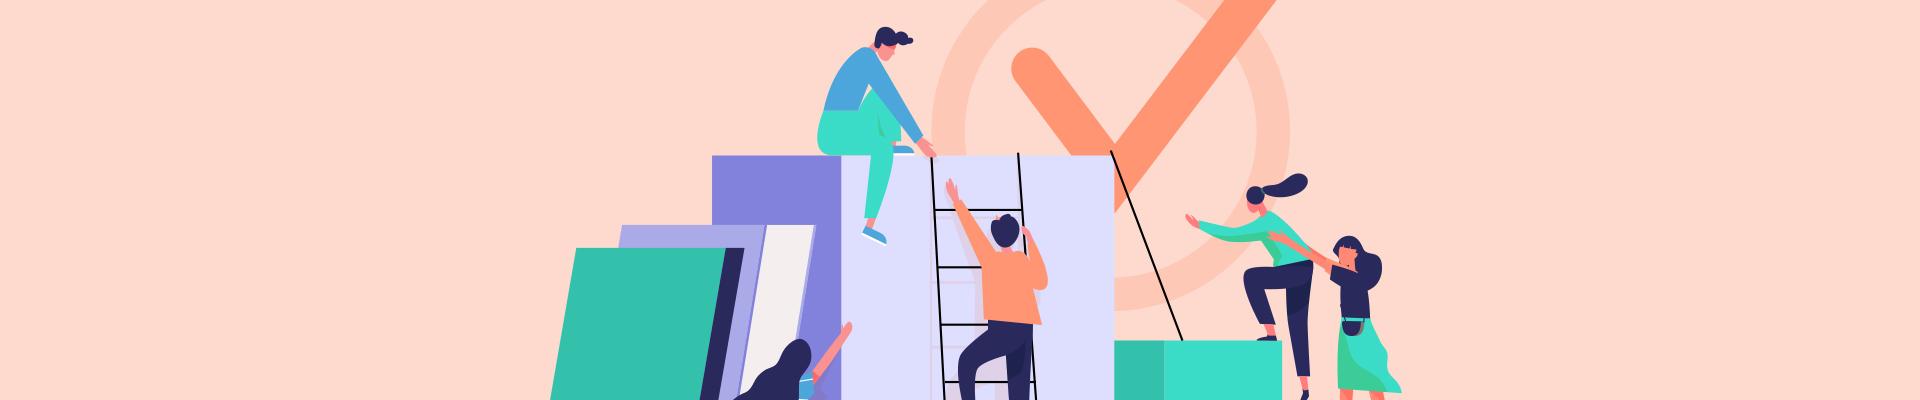 banner-10-maneras-originales-de-impulsar-la-motivacion